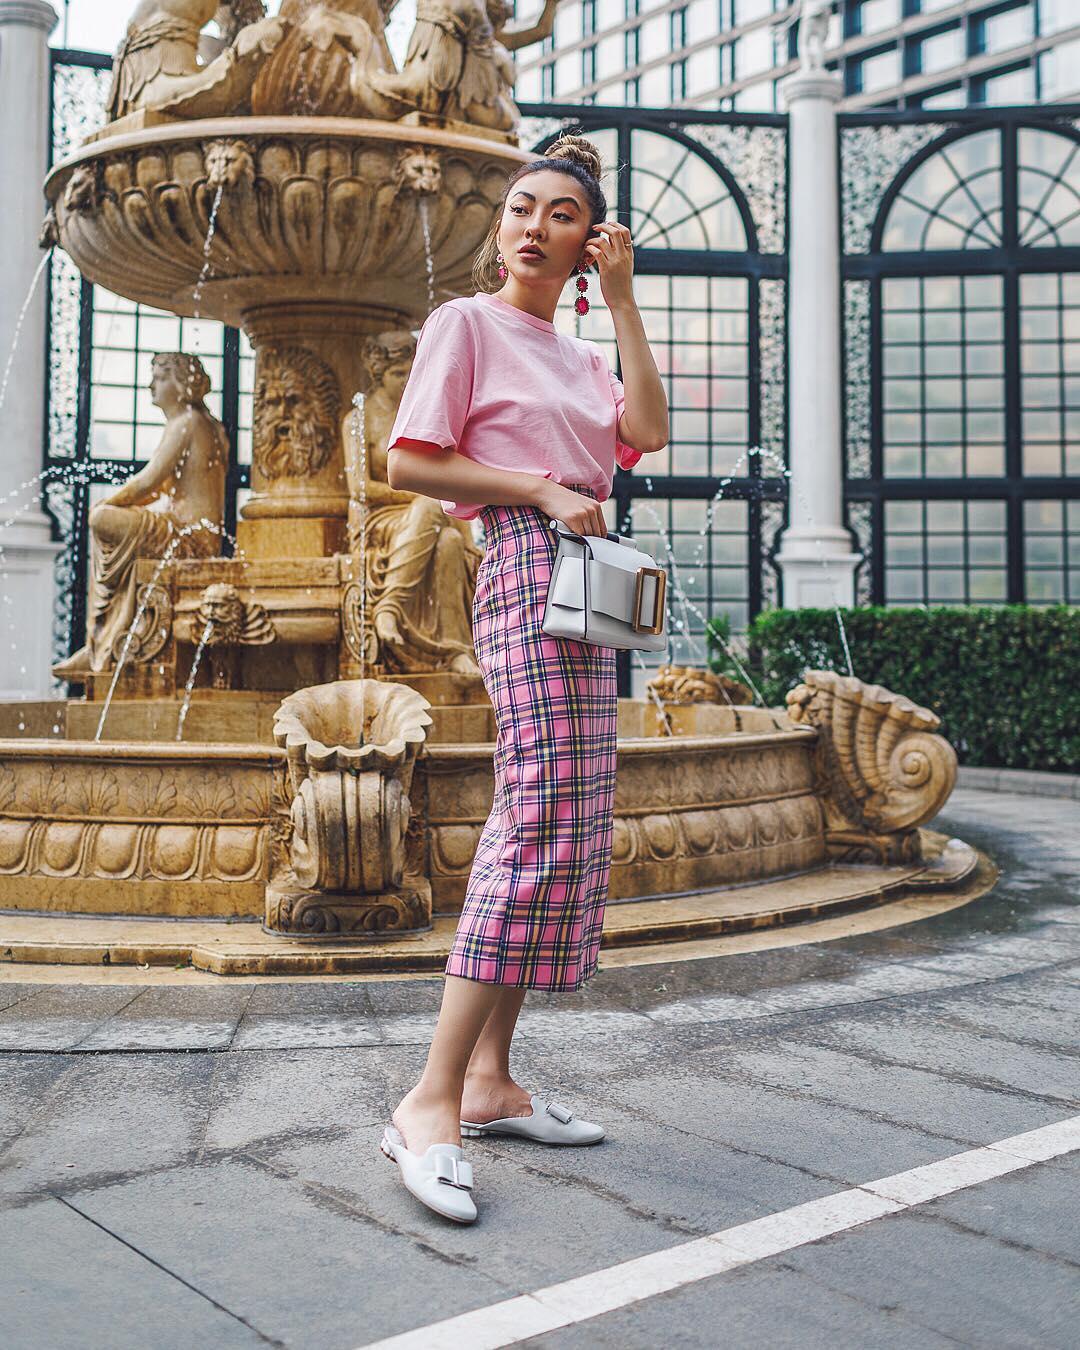 модный летние образы в розовом цвете фото 3